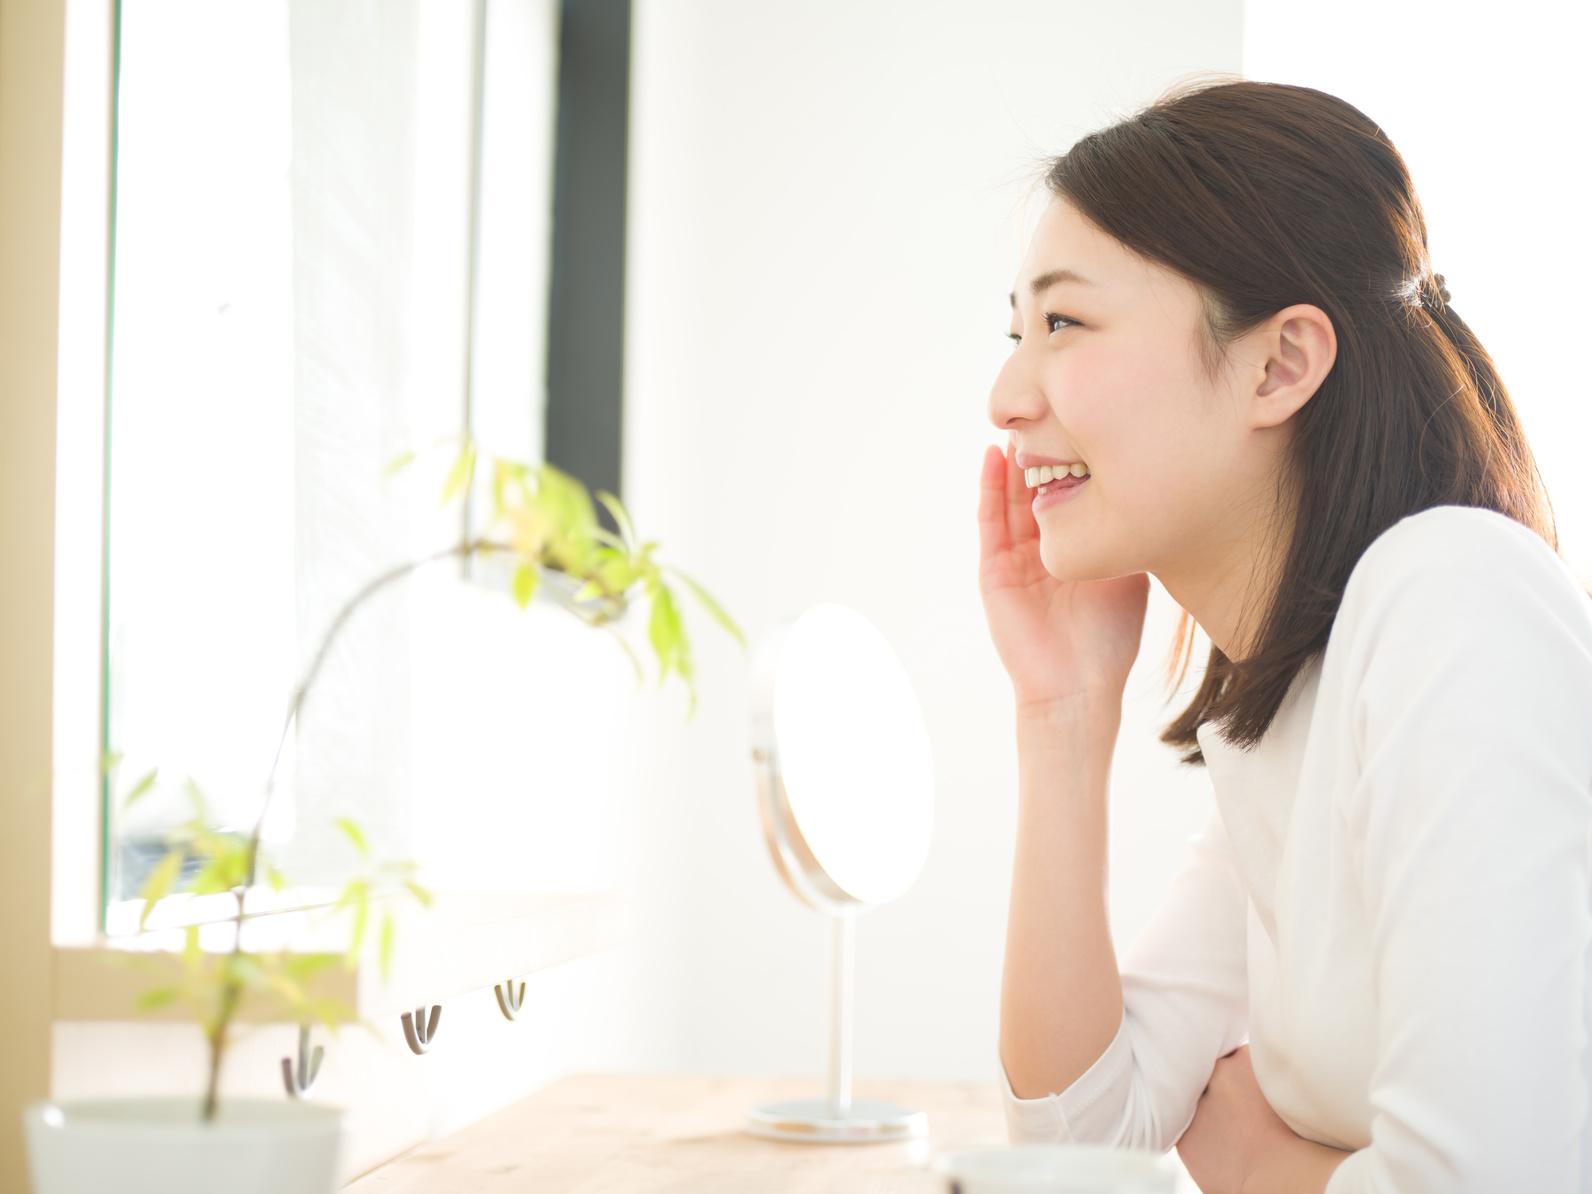 スキンケア・鏡を見る若い女性_澄江_160210_Fotolia_88346122_Subscription_Monthly_M